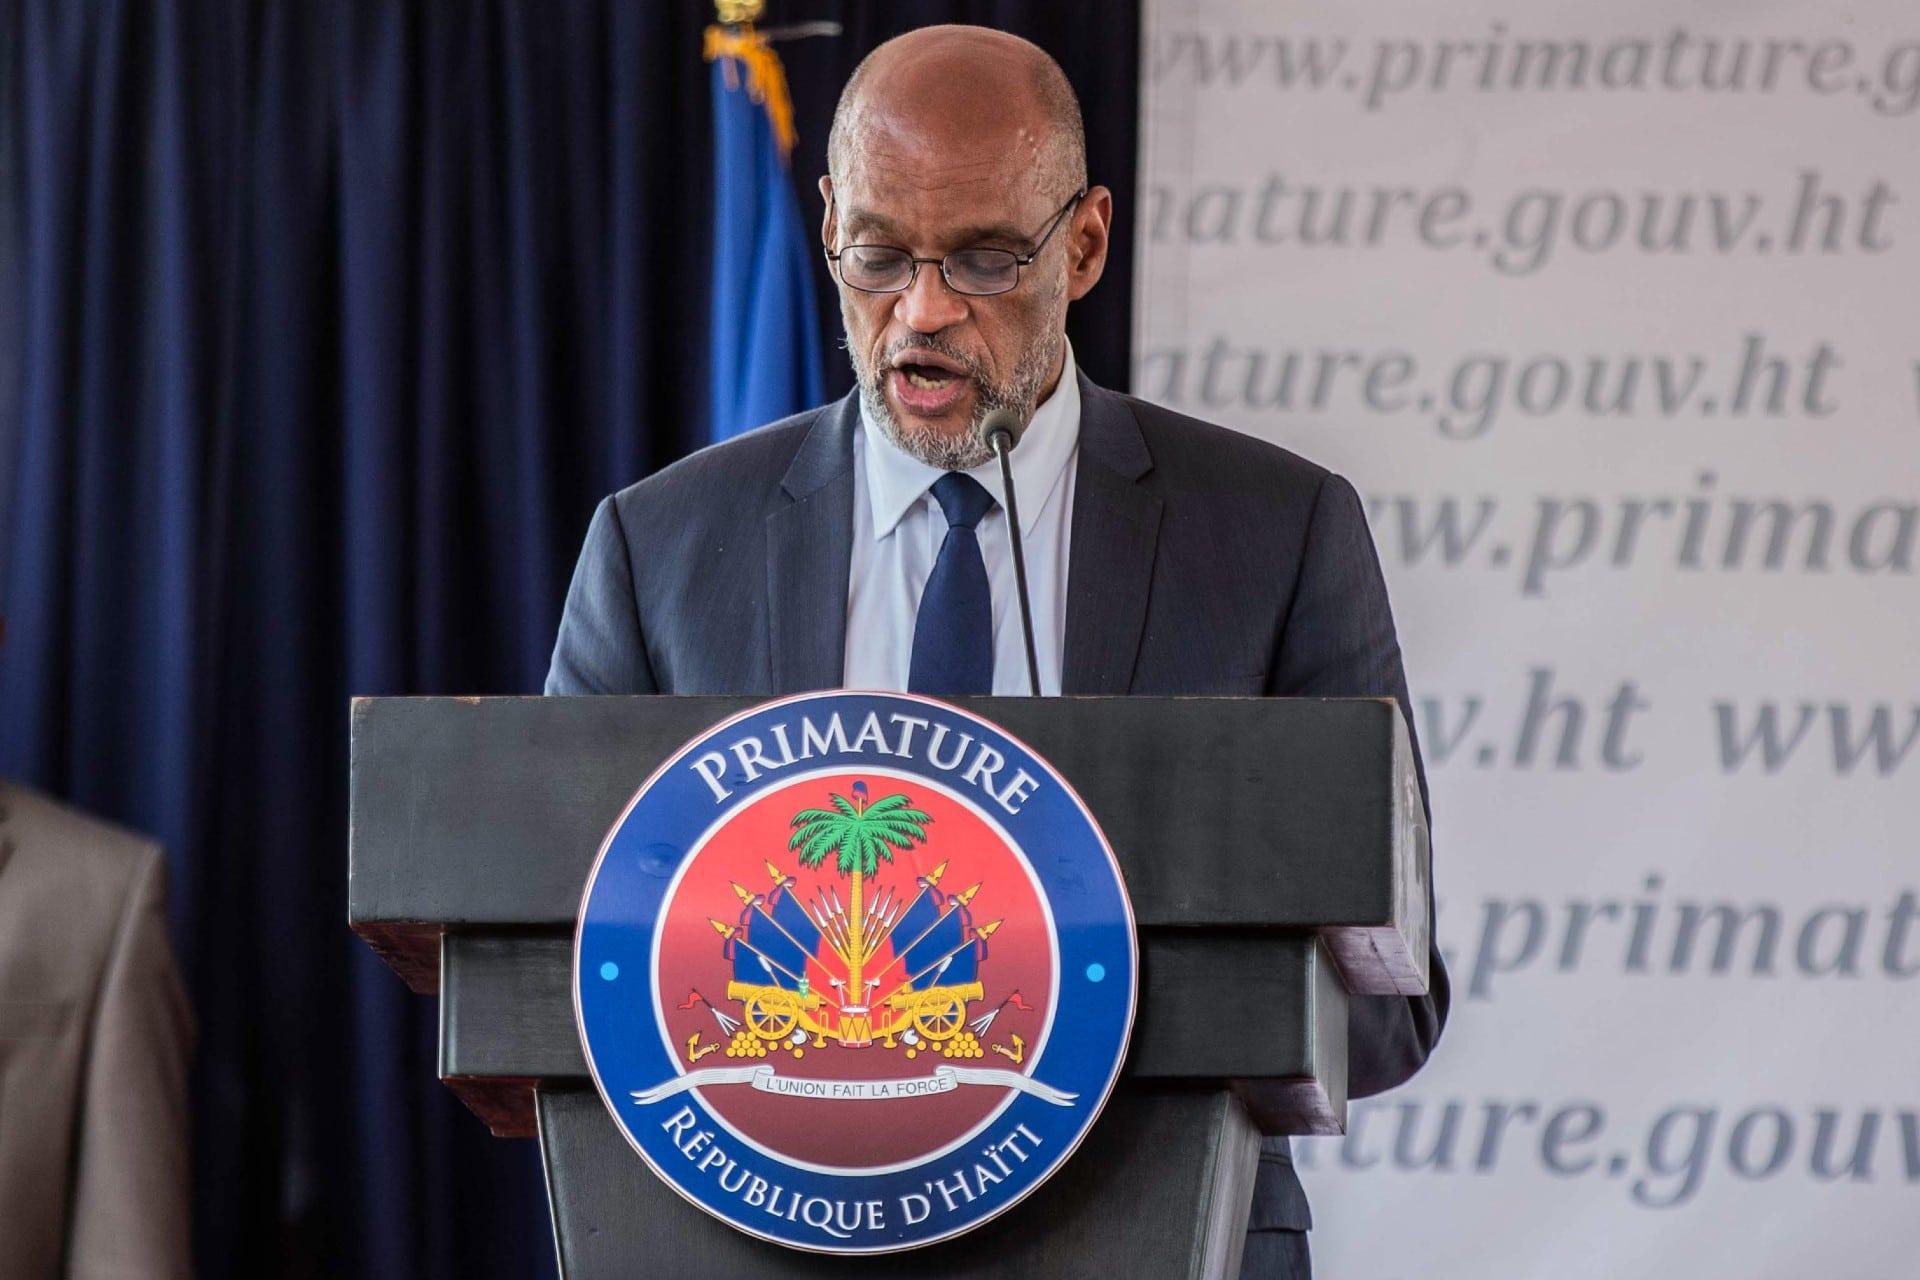 Haití alarga un año más redacción de Constitución y elecciones presidenciales